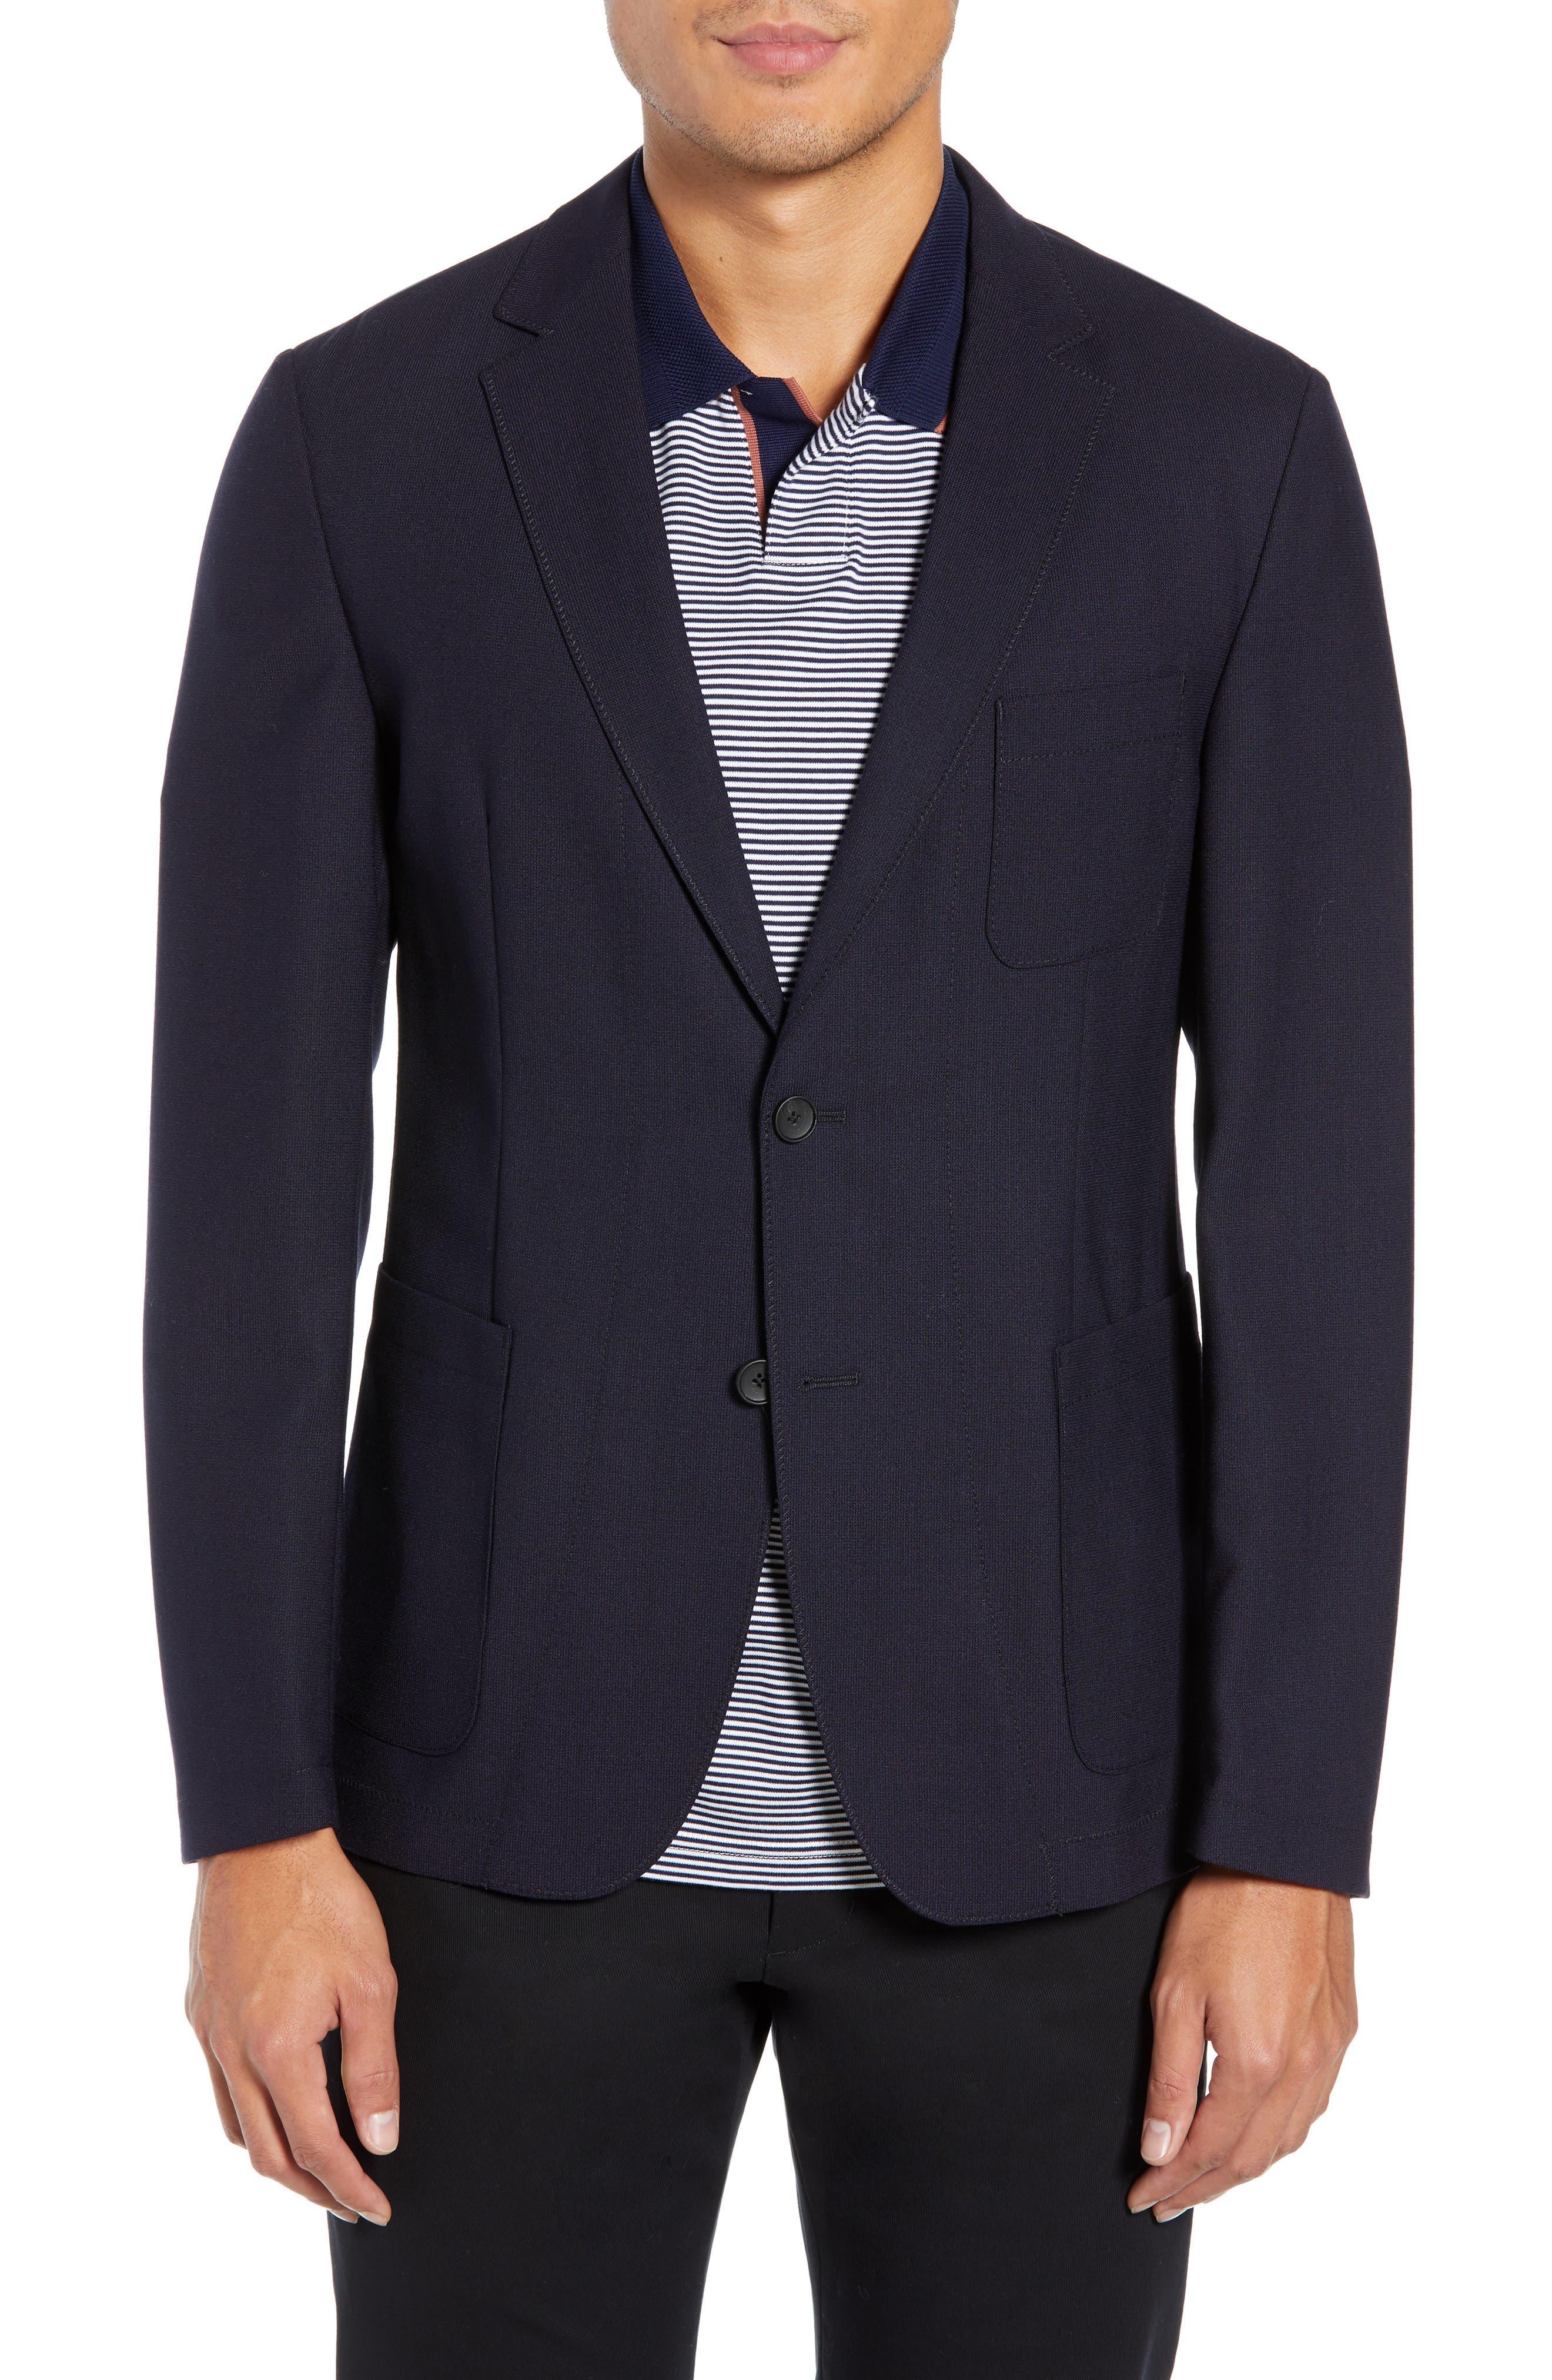 Noswen Slim Fit Sport Coat,                             Main thumbnail 1, color,                             BLUE